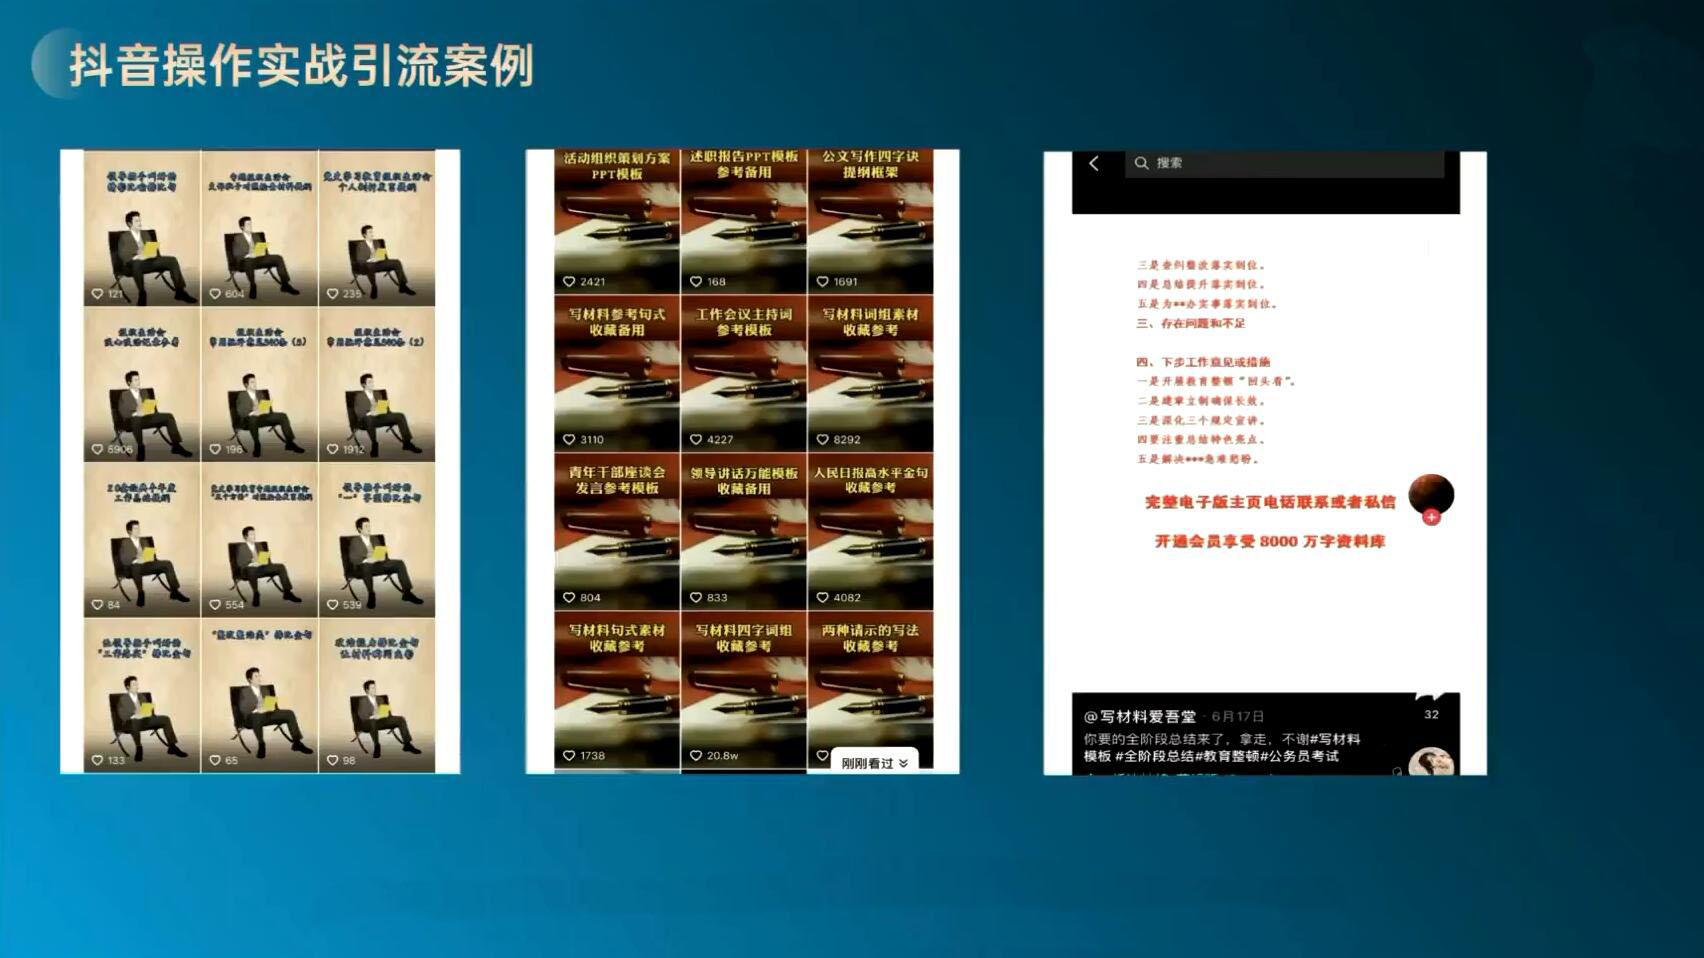 郭耀天·复制粘贴自动化赚钱的公文项目